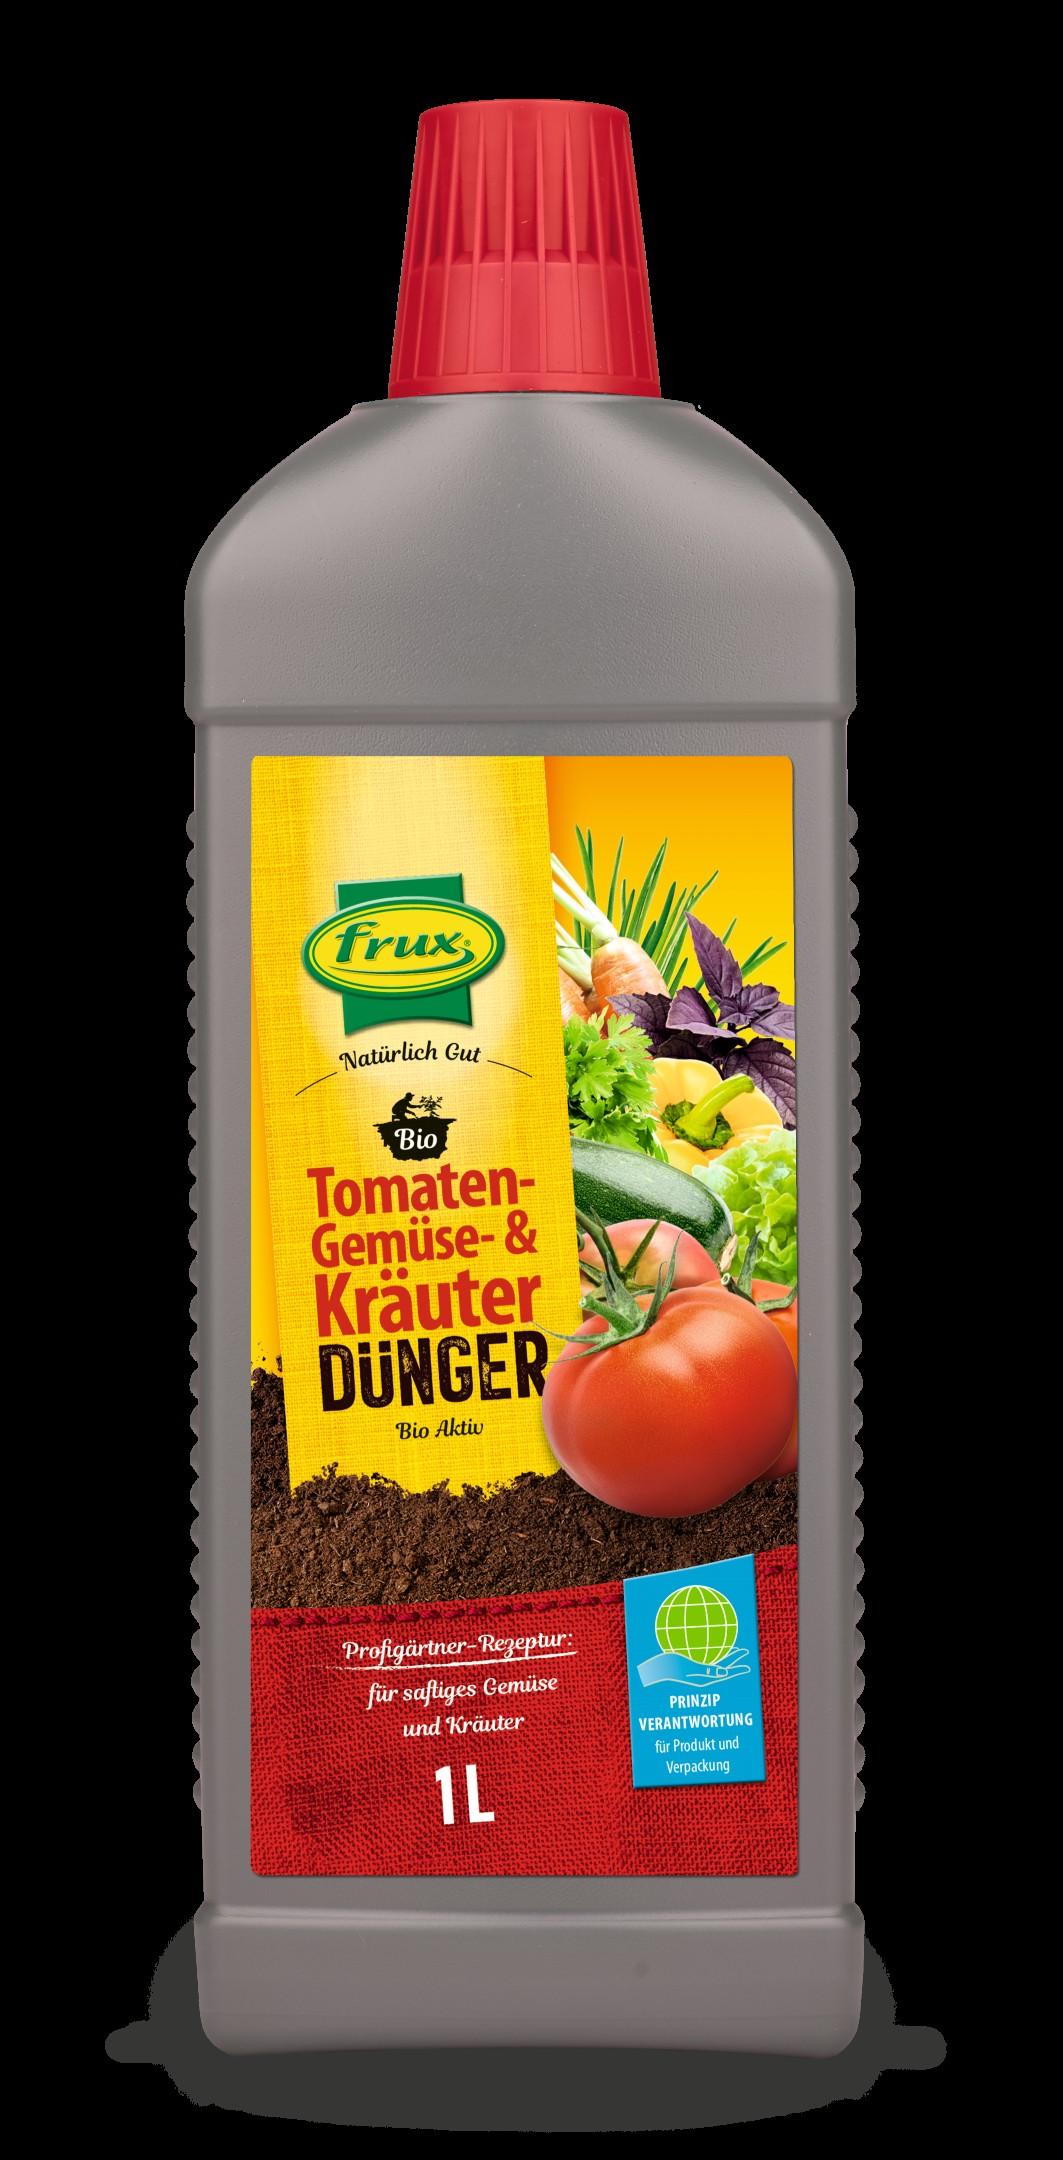 BIO Tomaten-, Kräuter und Gemüsedünger flüssig Bild 2